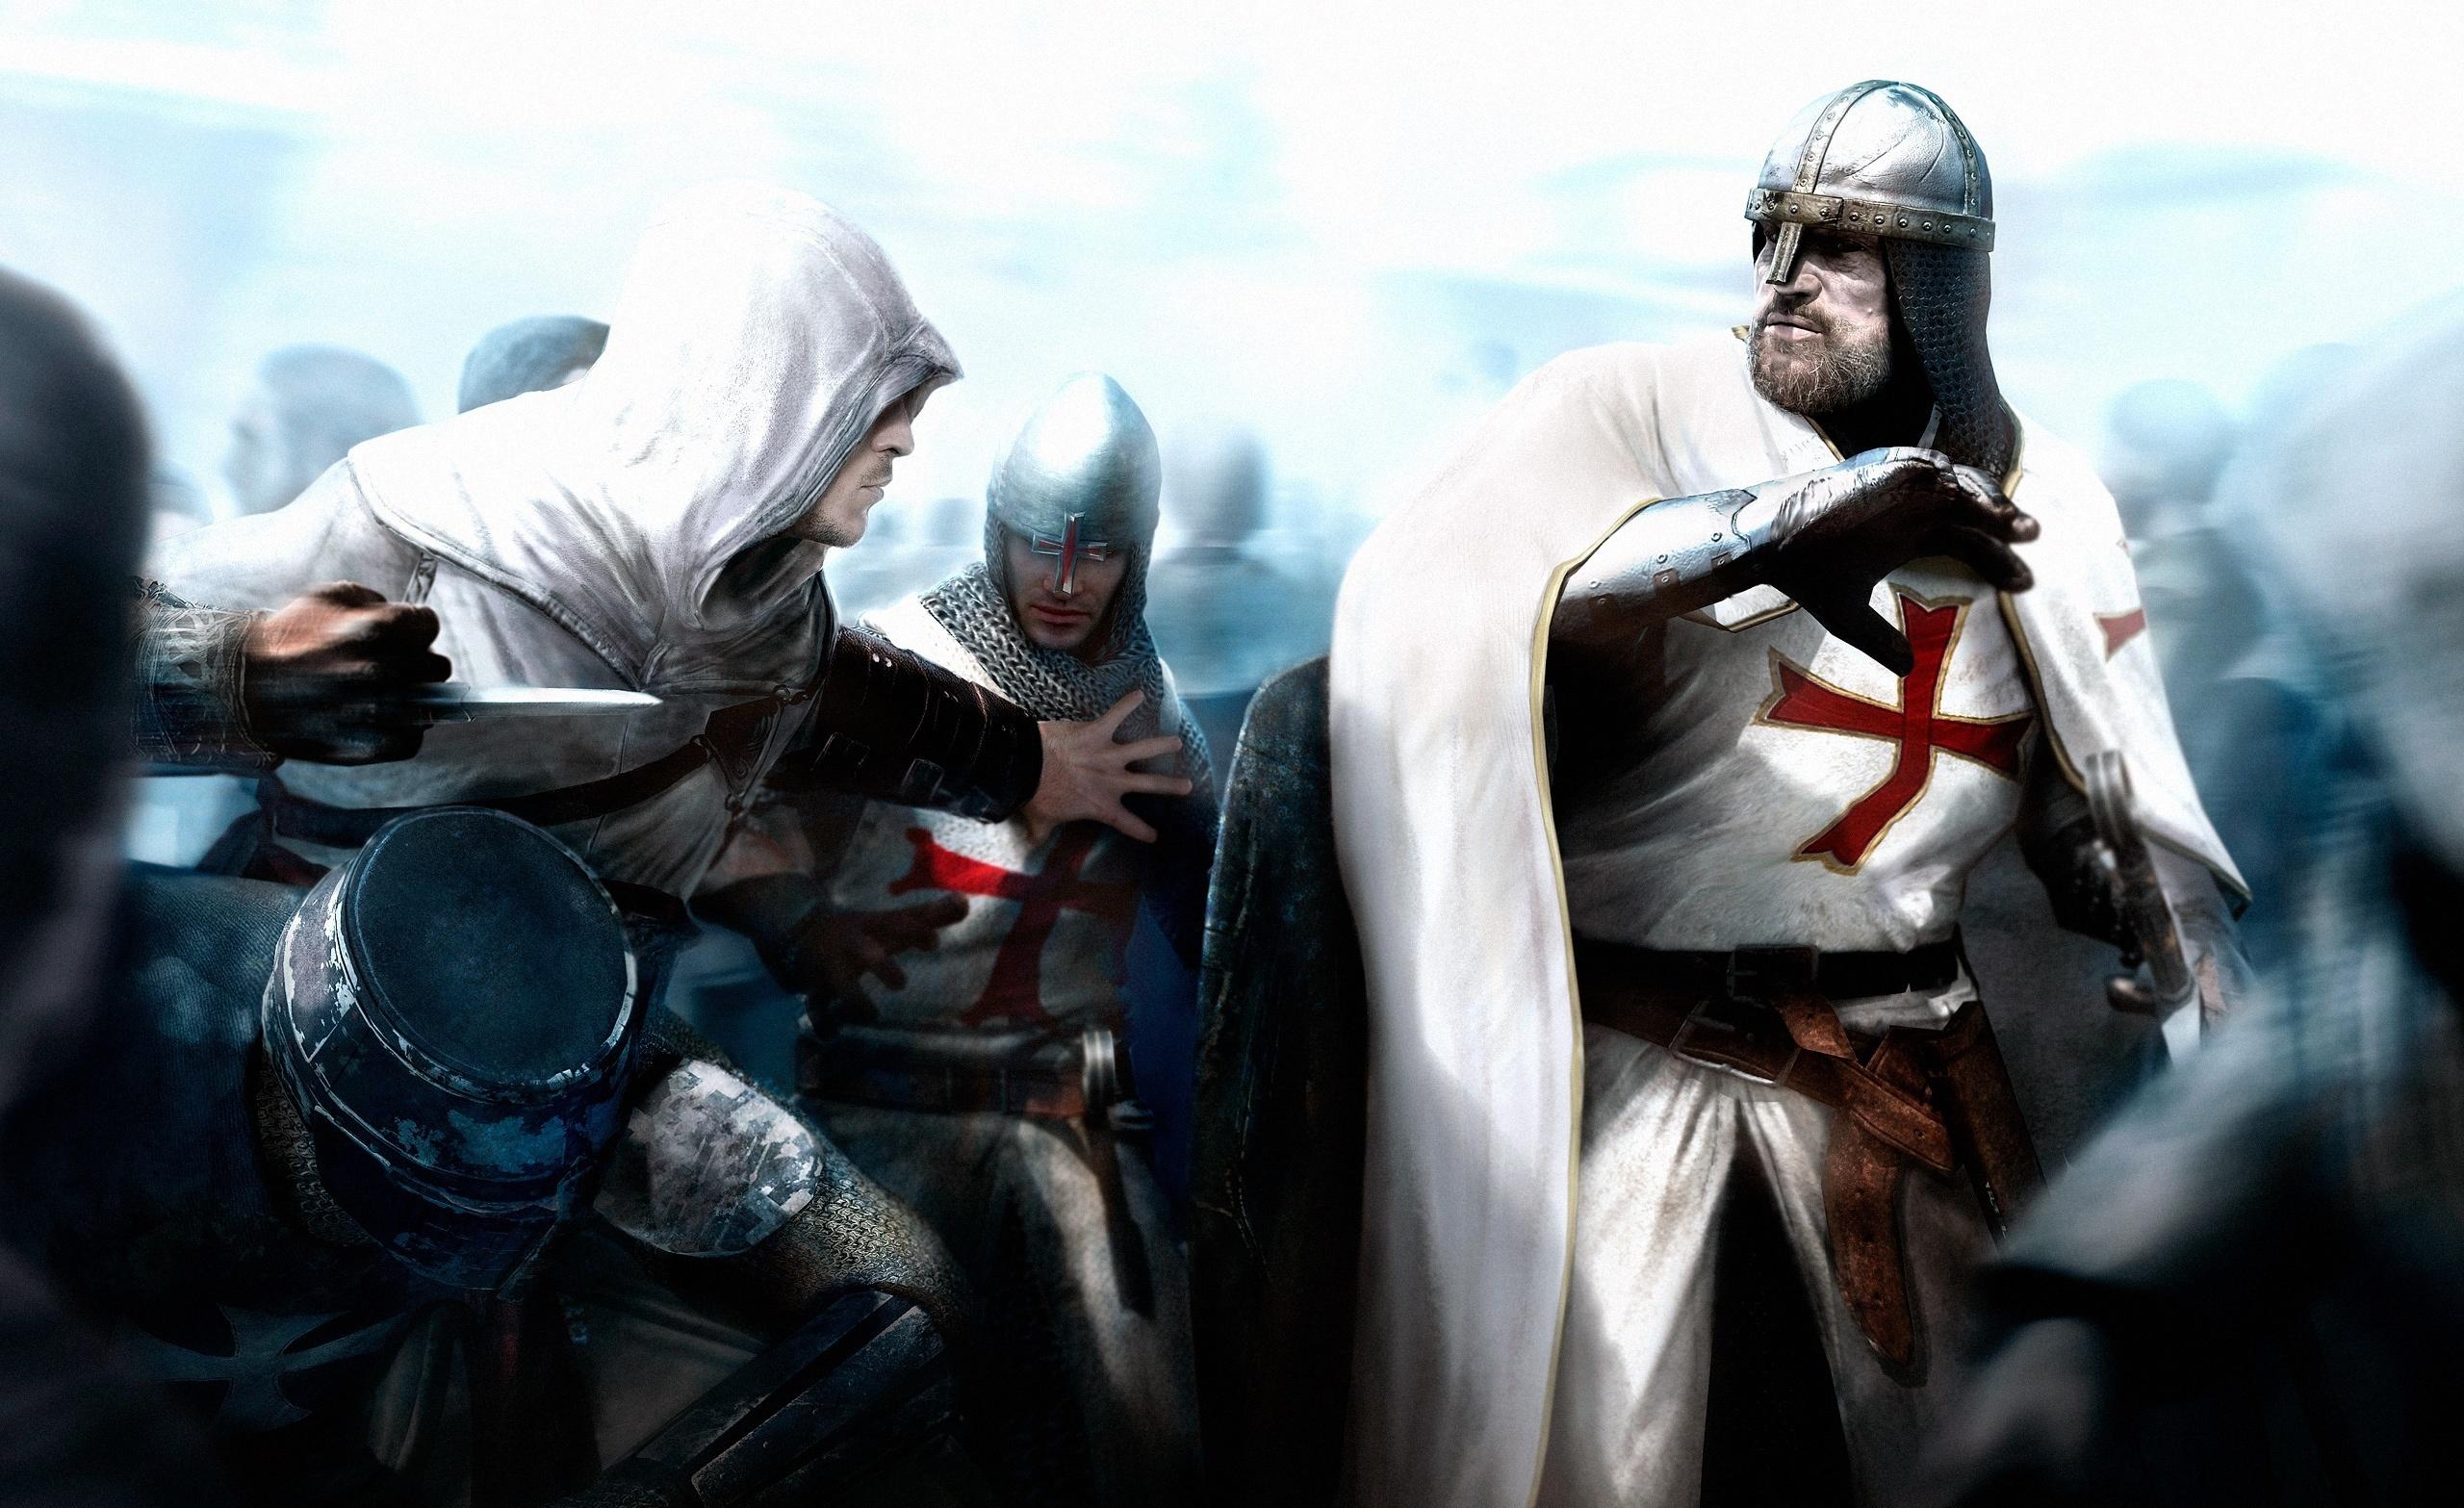 рыцари крестоносцы, скачать фото, обои на рабочий стол, knights